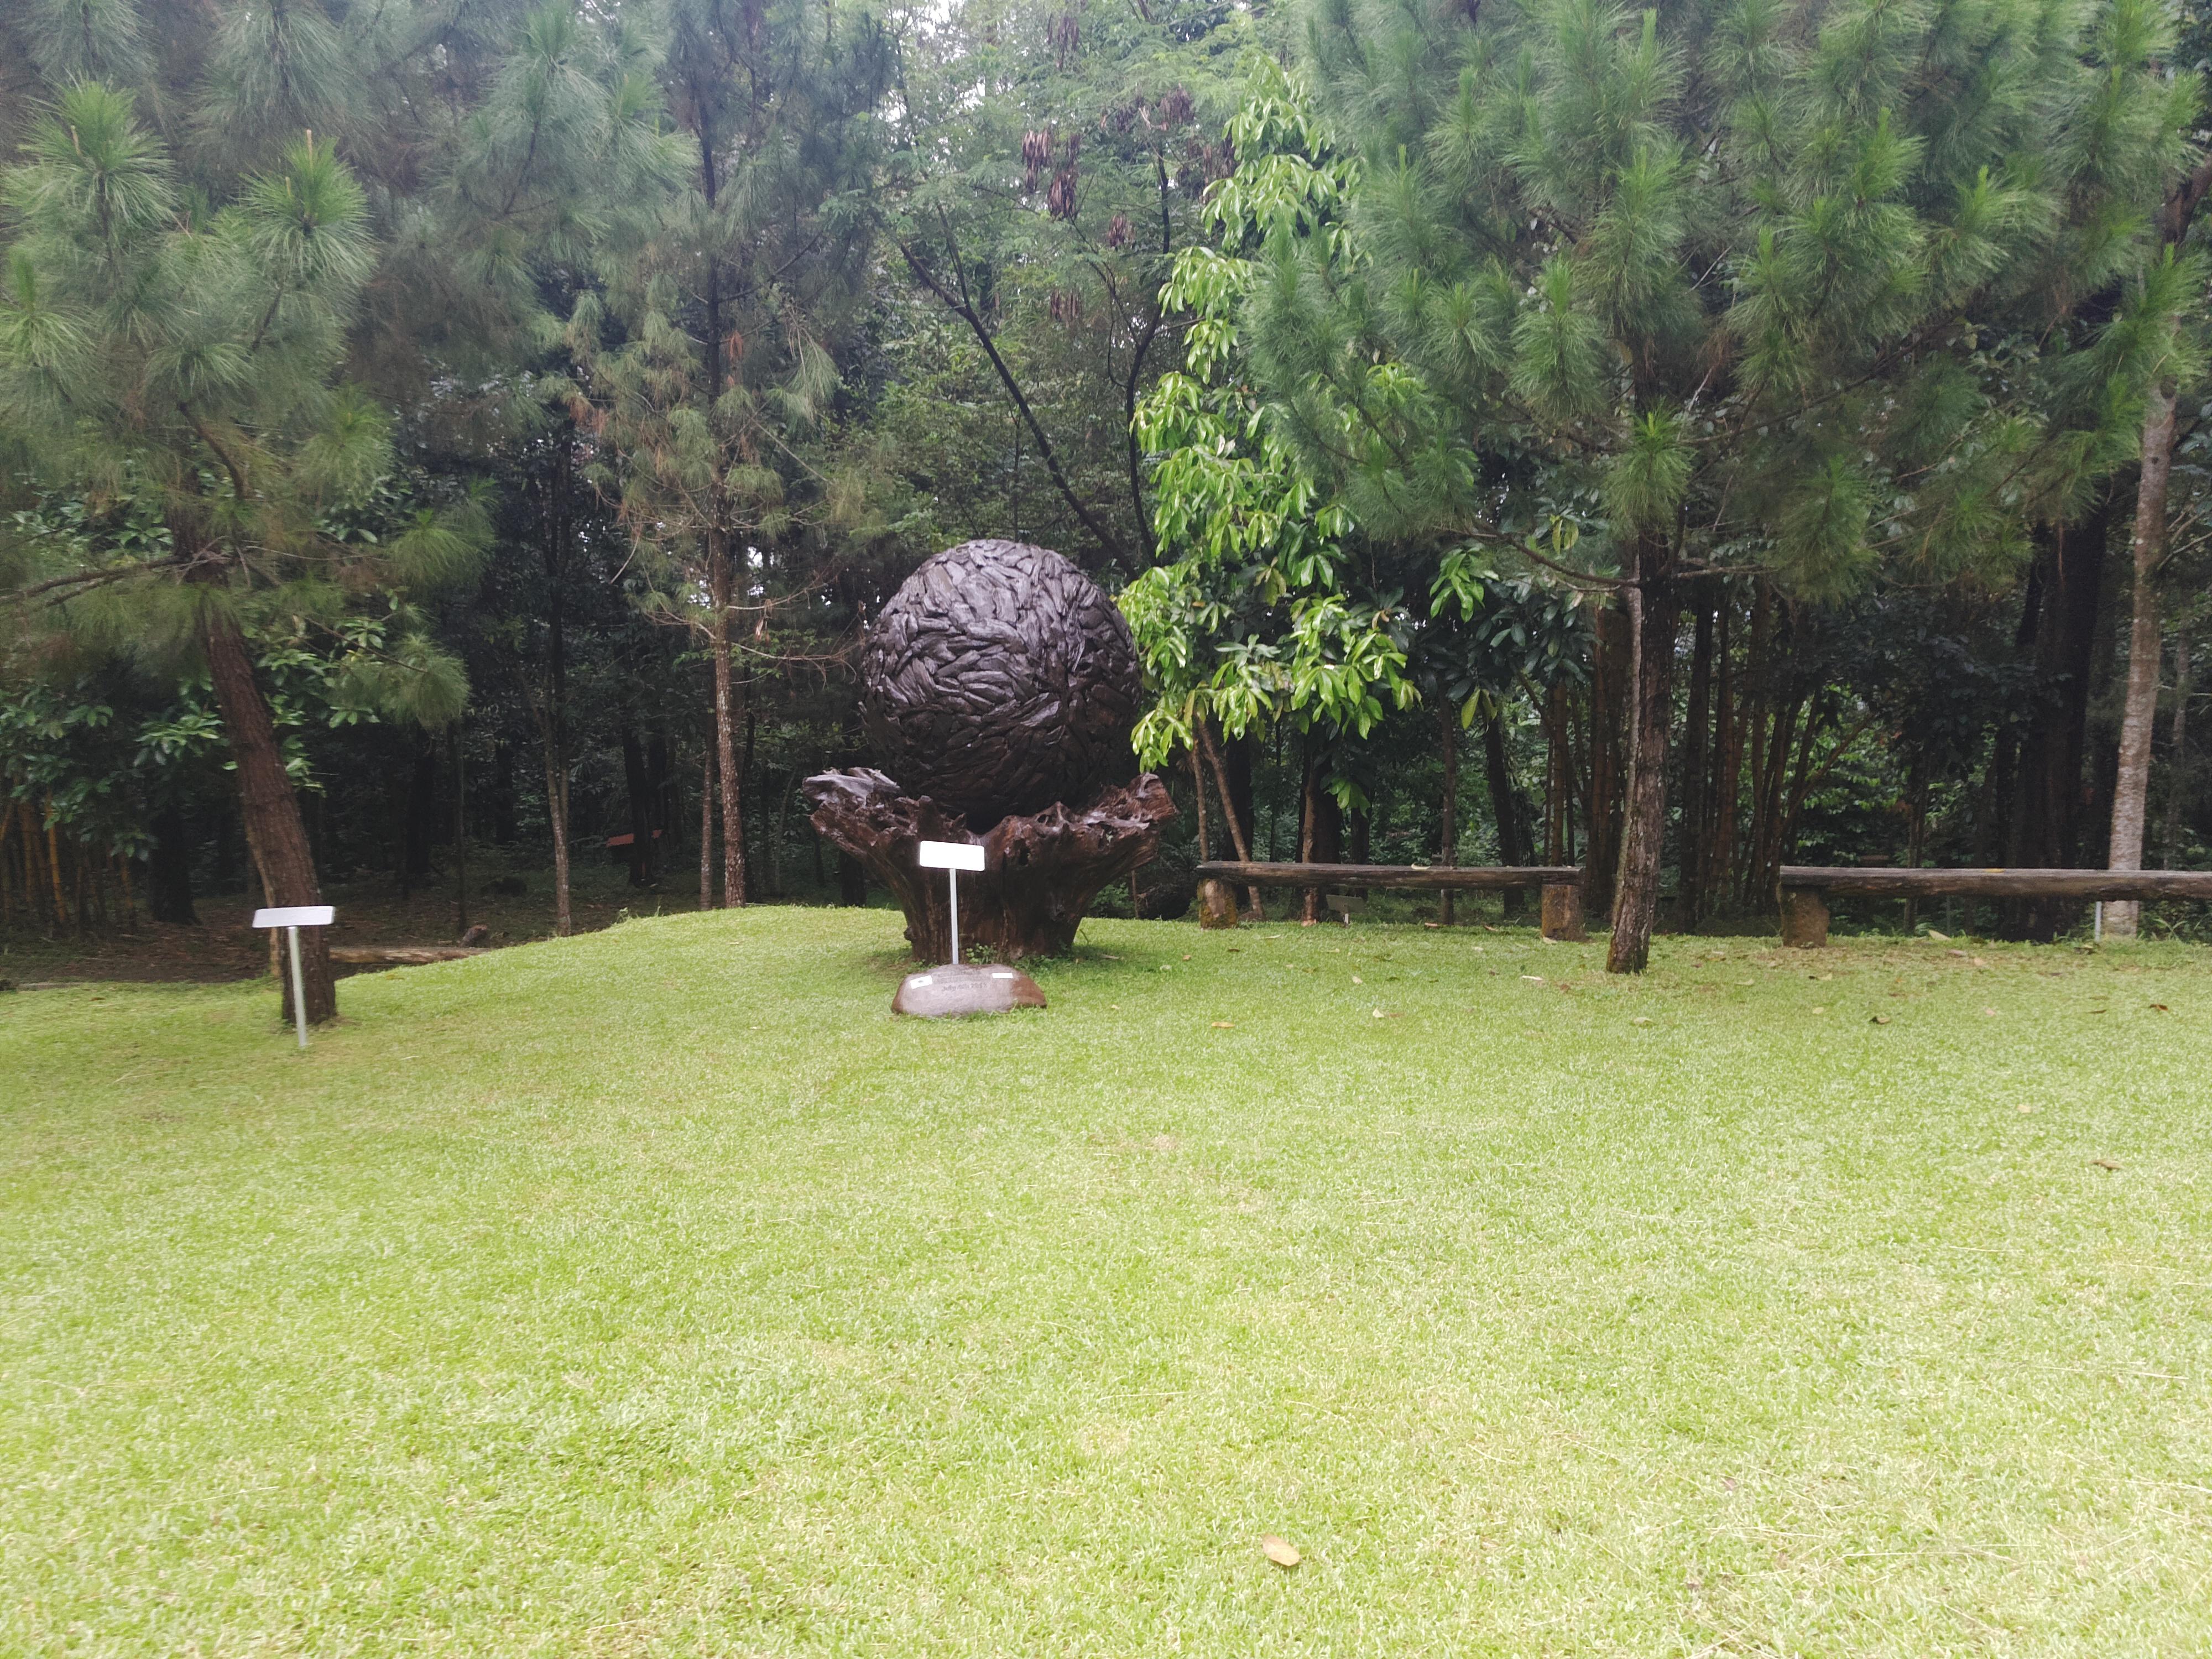 Monumen Bola Dunia terbuat dari kayu jati |